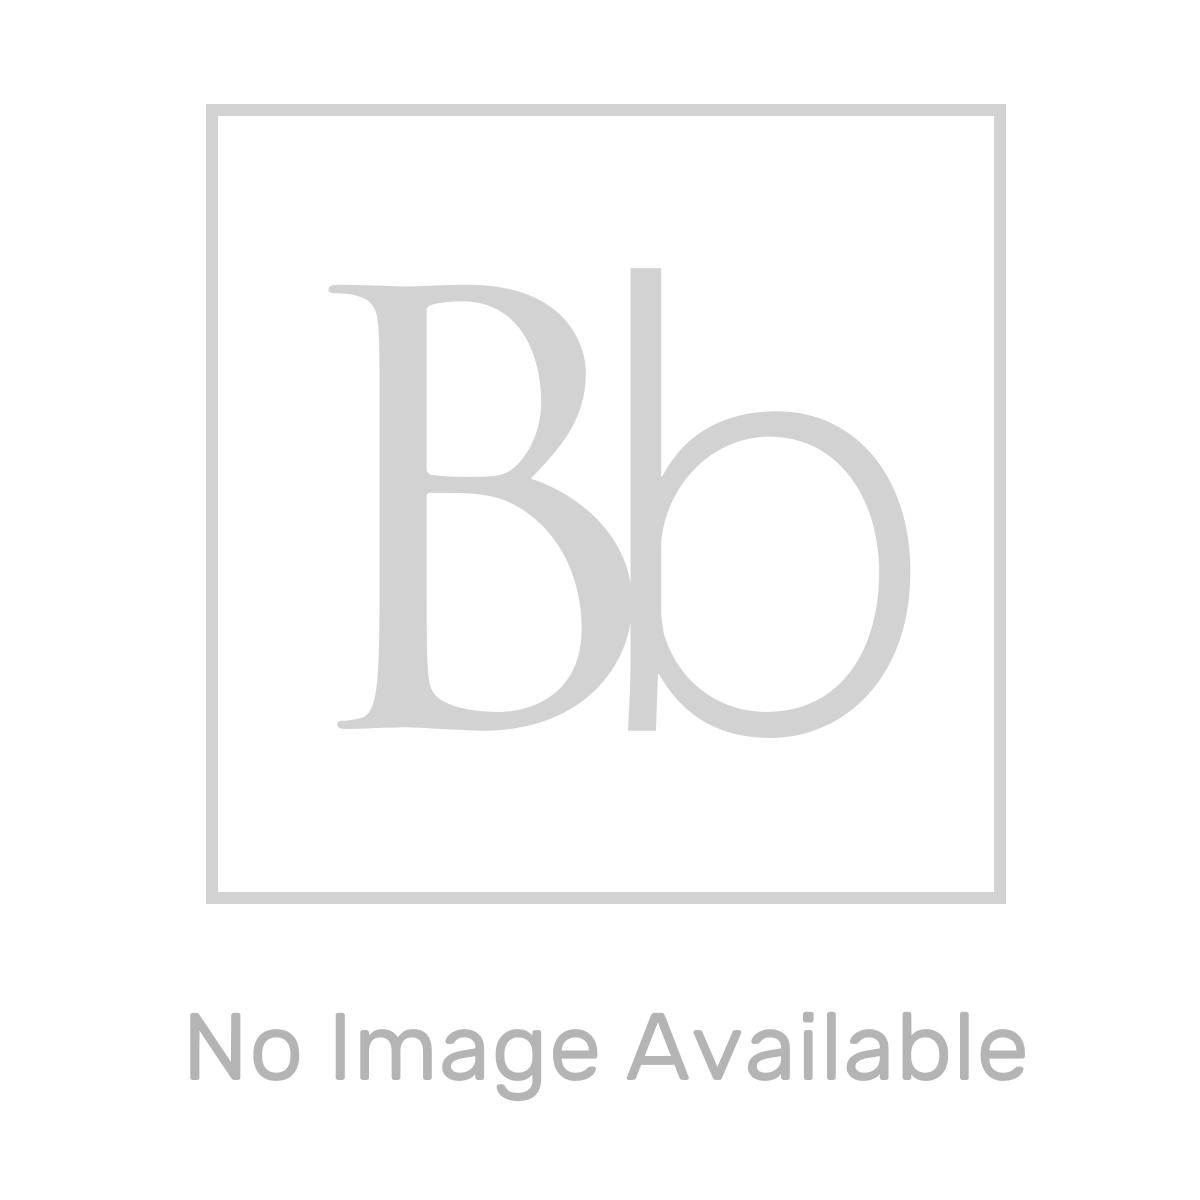 RAK Black Dual Outlet 2 Handle Thermostatic Shower Valve Measurements